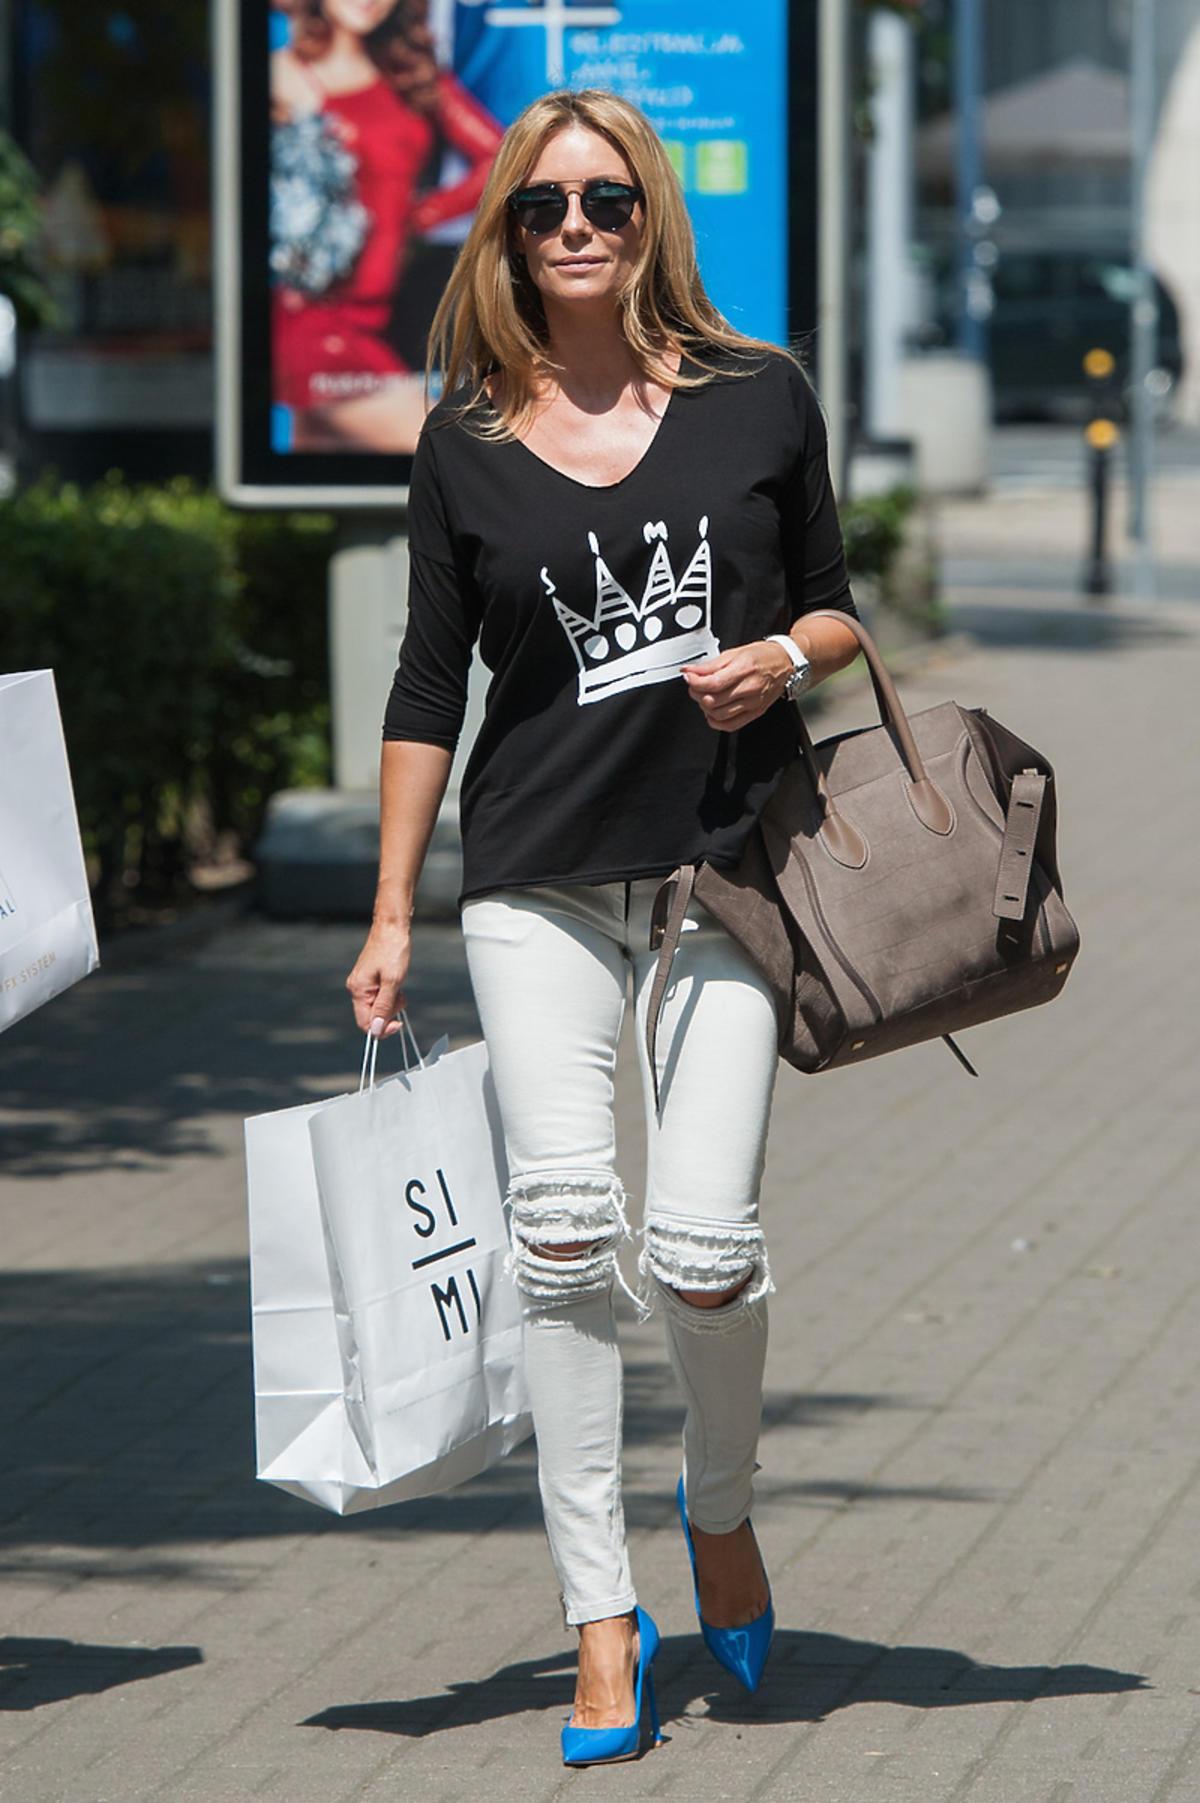 Małgorzata Rozenek na zakupach w looku SI-MI